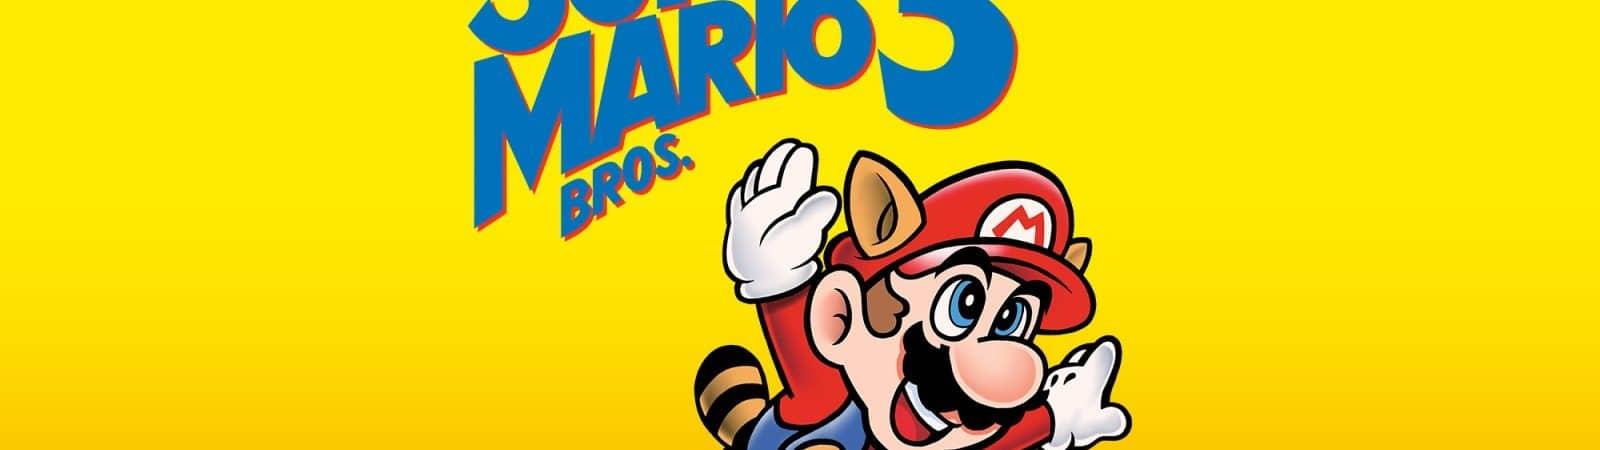 Imagem promocional do jogo Super Mario Bros. 3